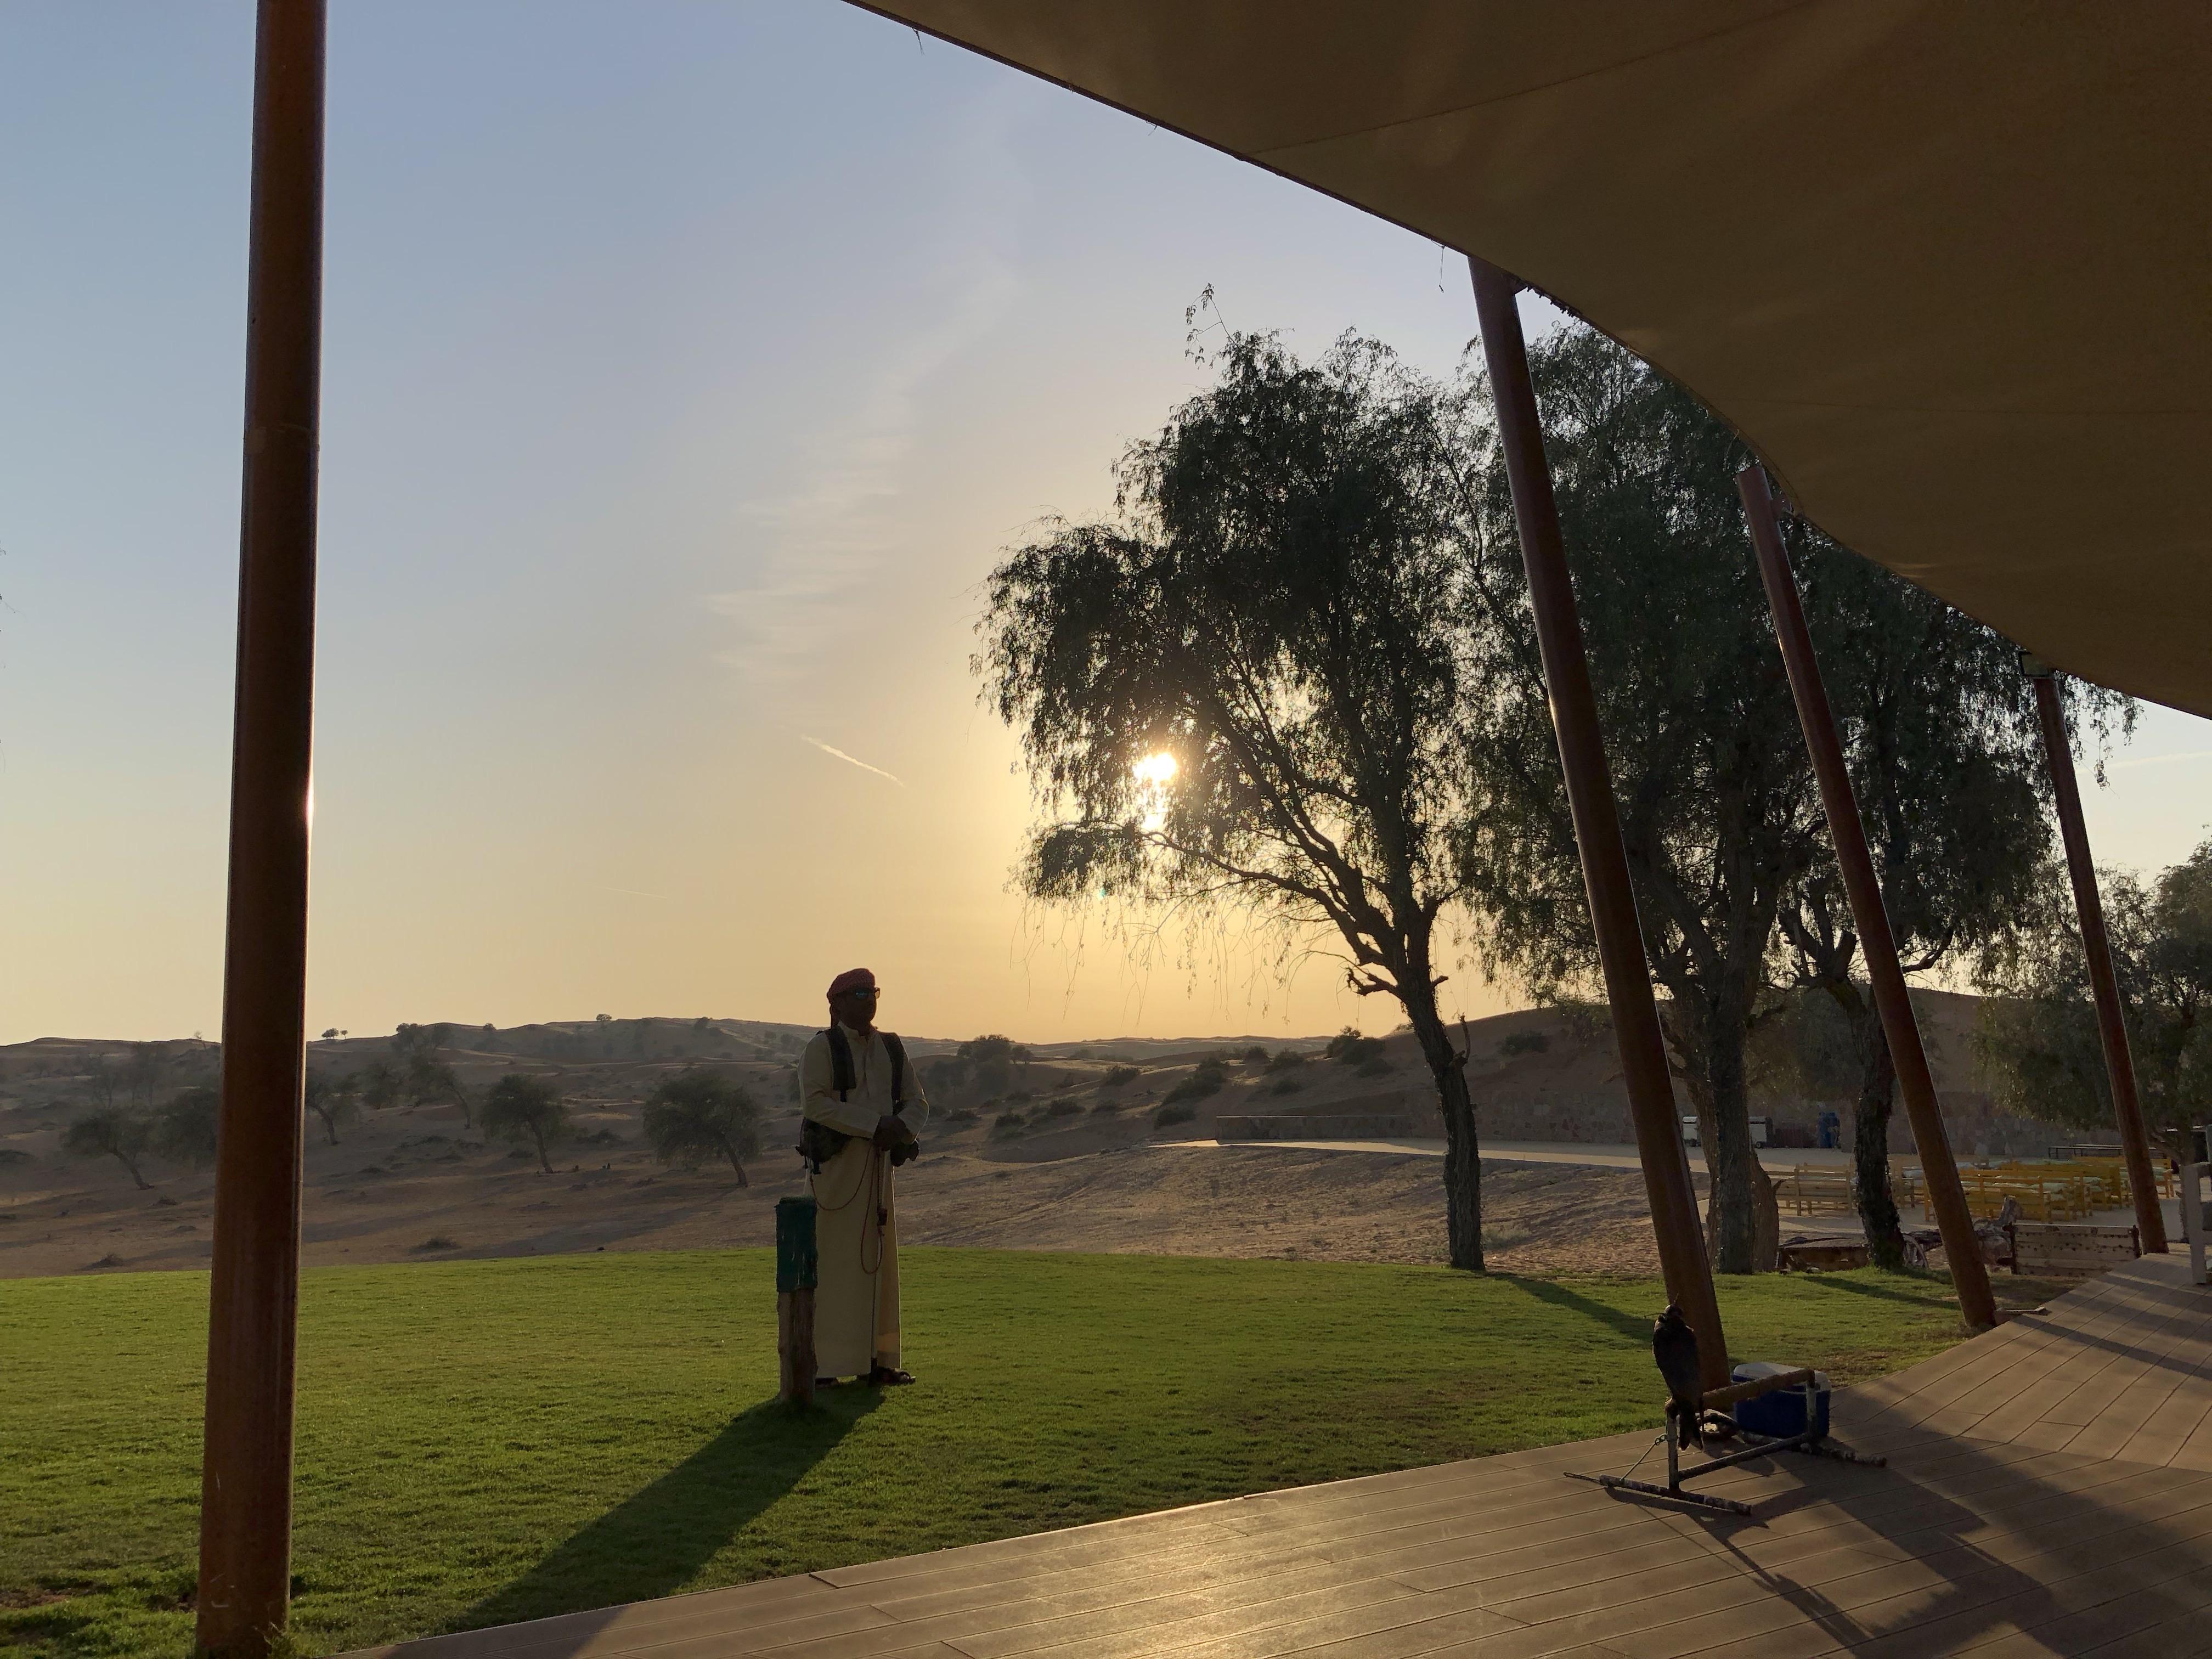 Ras Al Khaimah, UAE, 2018 119